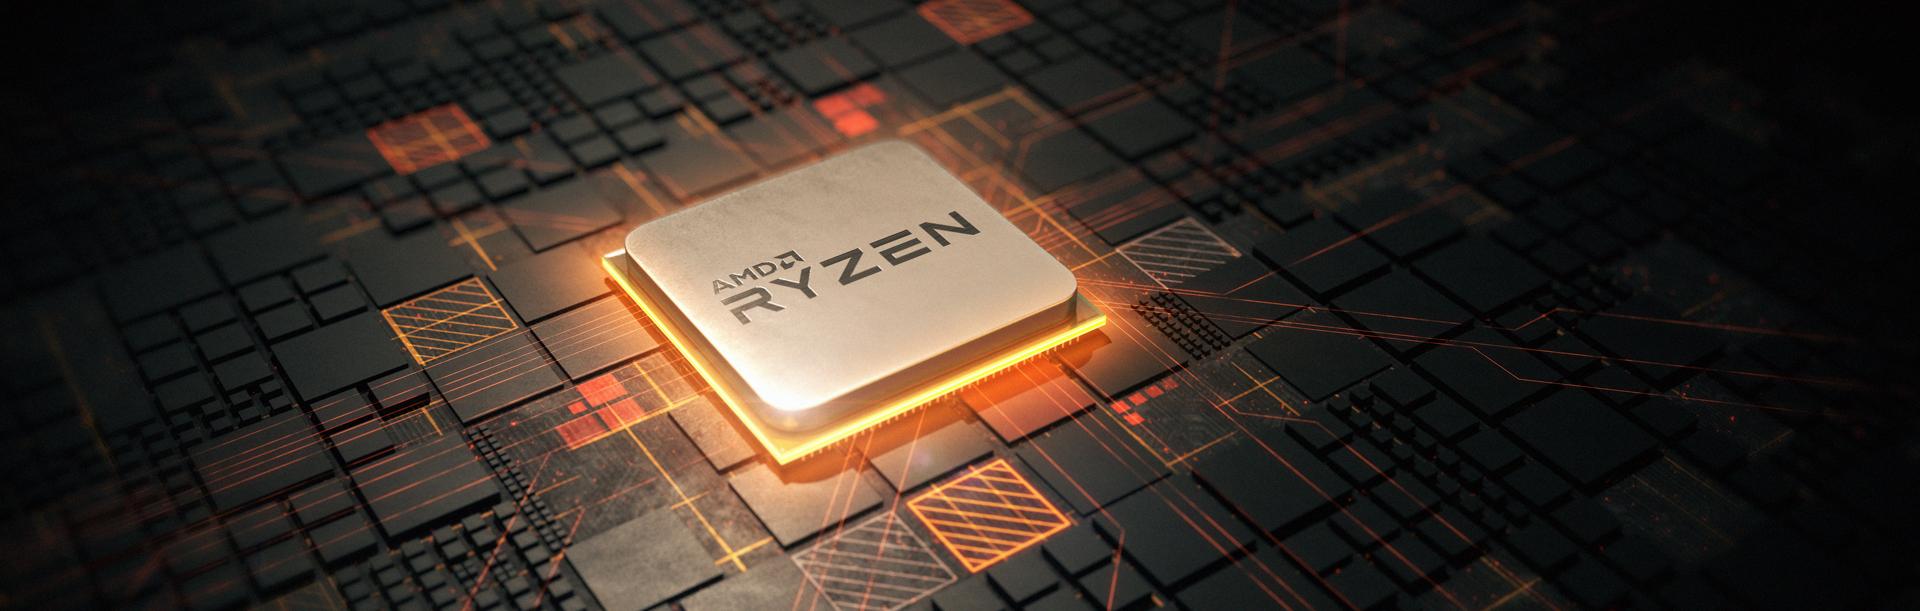 BIOSTAR Socket AM4 Motherboards All Ready for AMD Ryzen